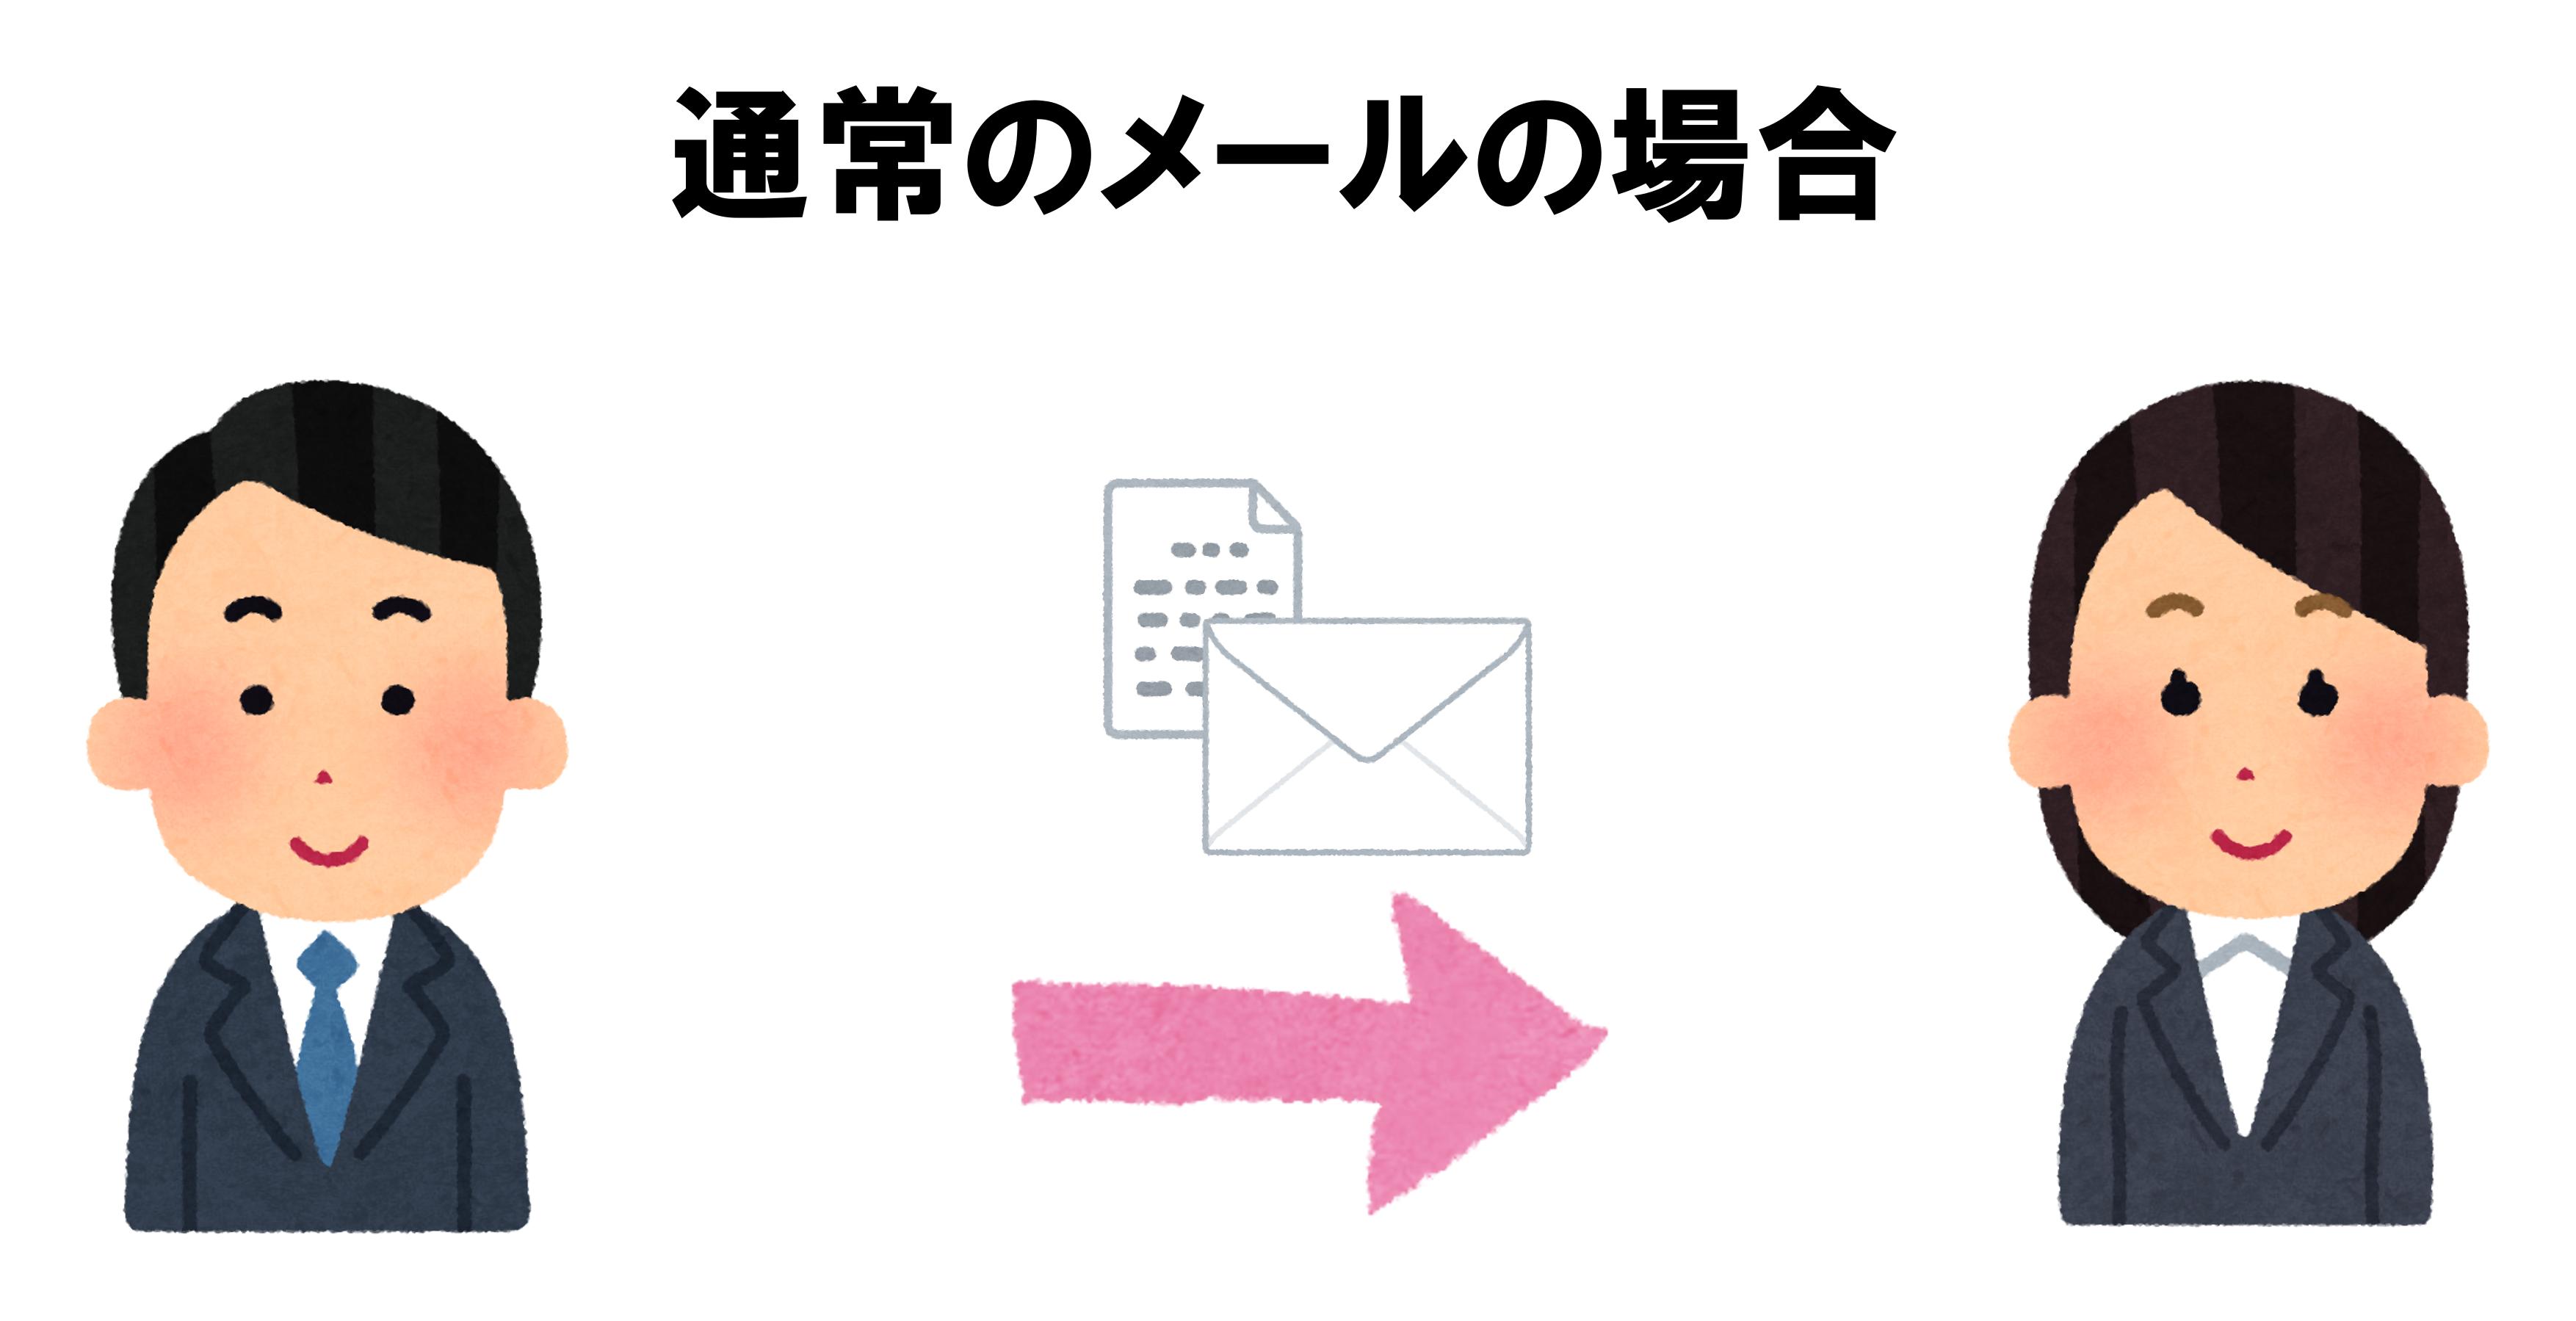 通常のメールの場合